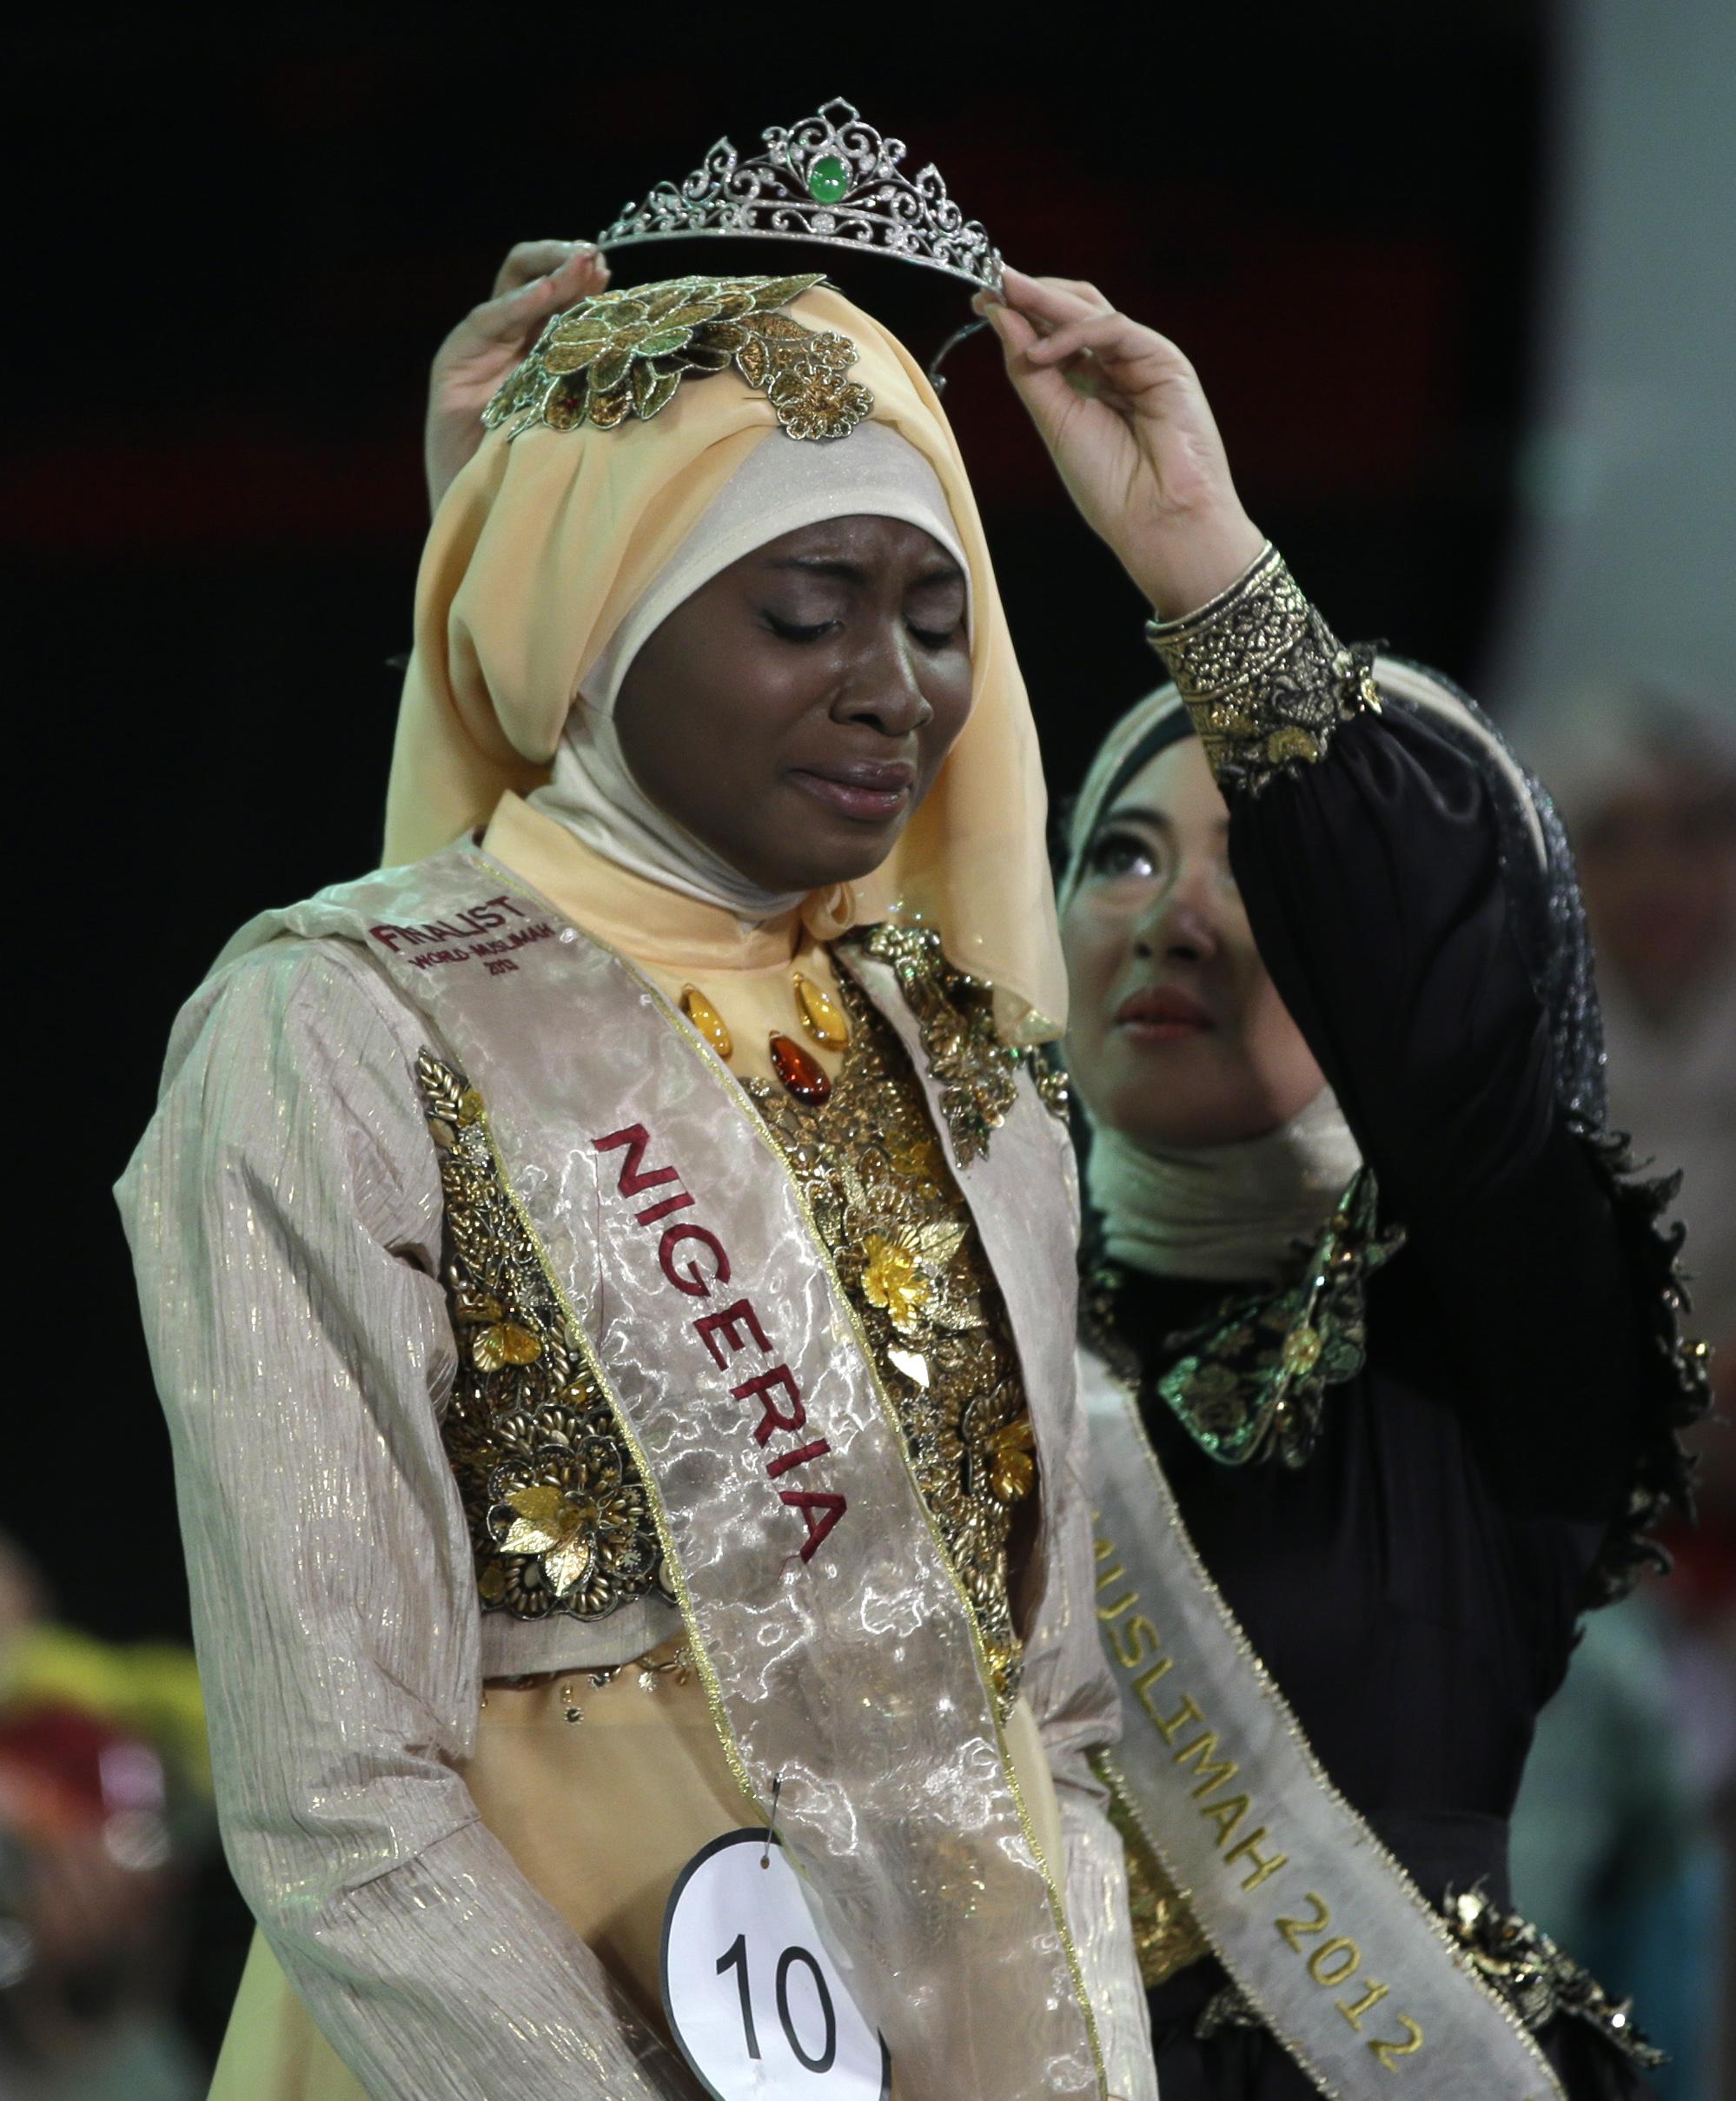 21-летняя Обабия Айша Аджиболы стала первой красавицей мусульманского мира